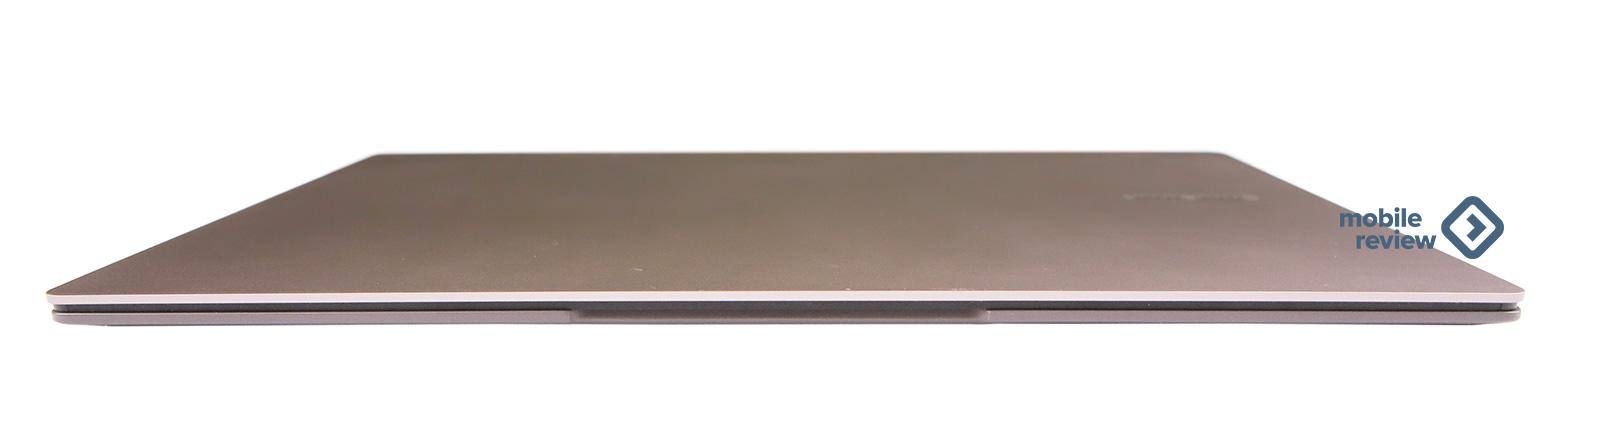 Ультрапортативный ноутбук на ARM-процессоре – Samsung GalaxyBookS